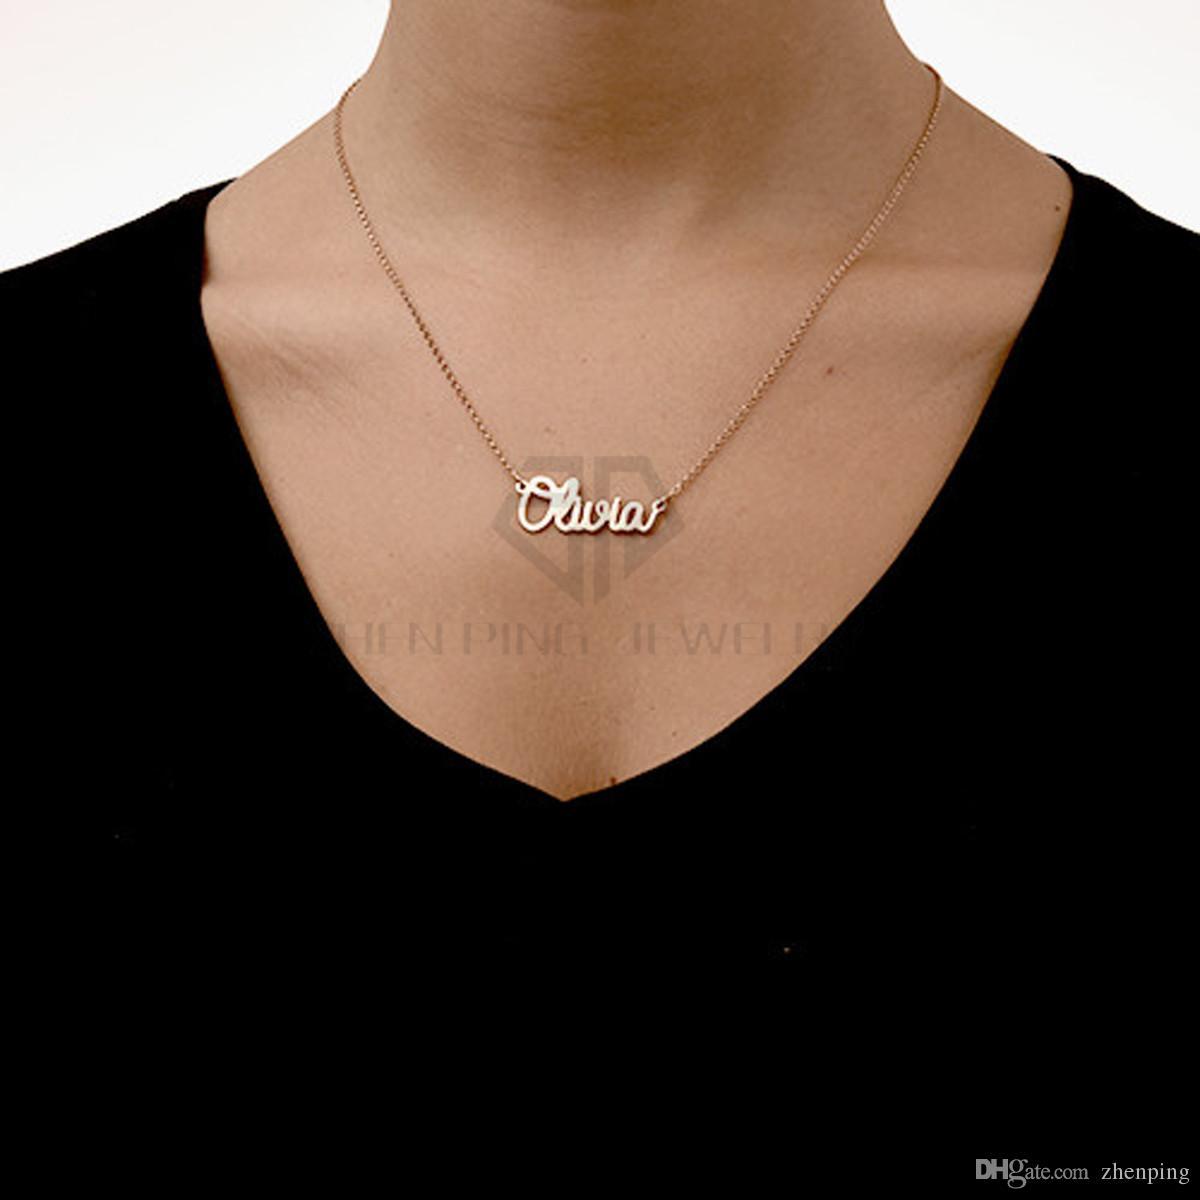 Freie Edelstahlqualität des Verschiffen-316L personifizieren kursive Namenshalskette Kundengebundene Namensschild-Halskette mit schwarzem Beutel